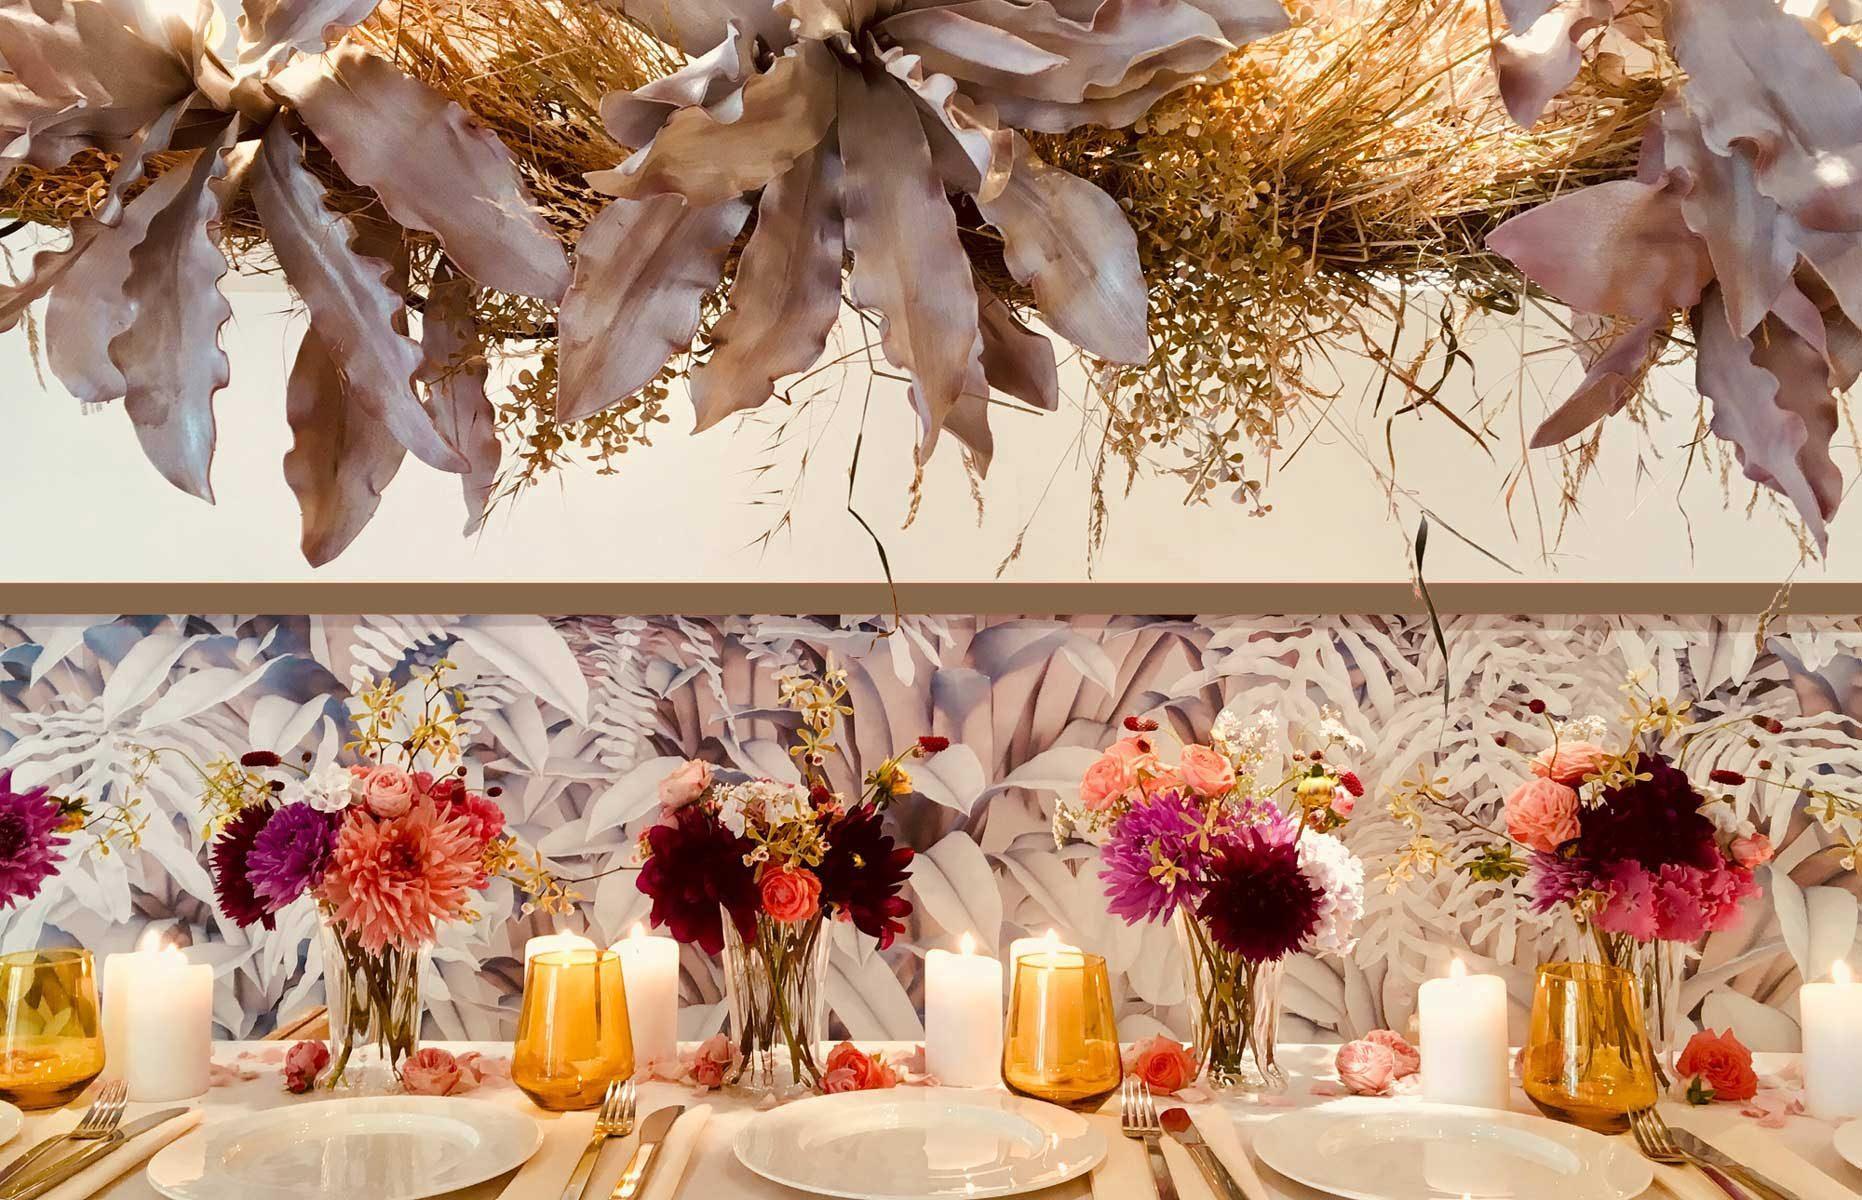 Tischdekoration Blumendekoration